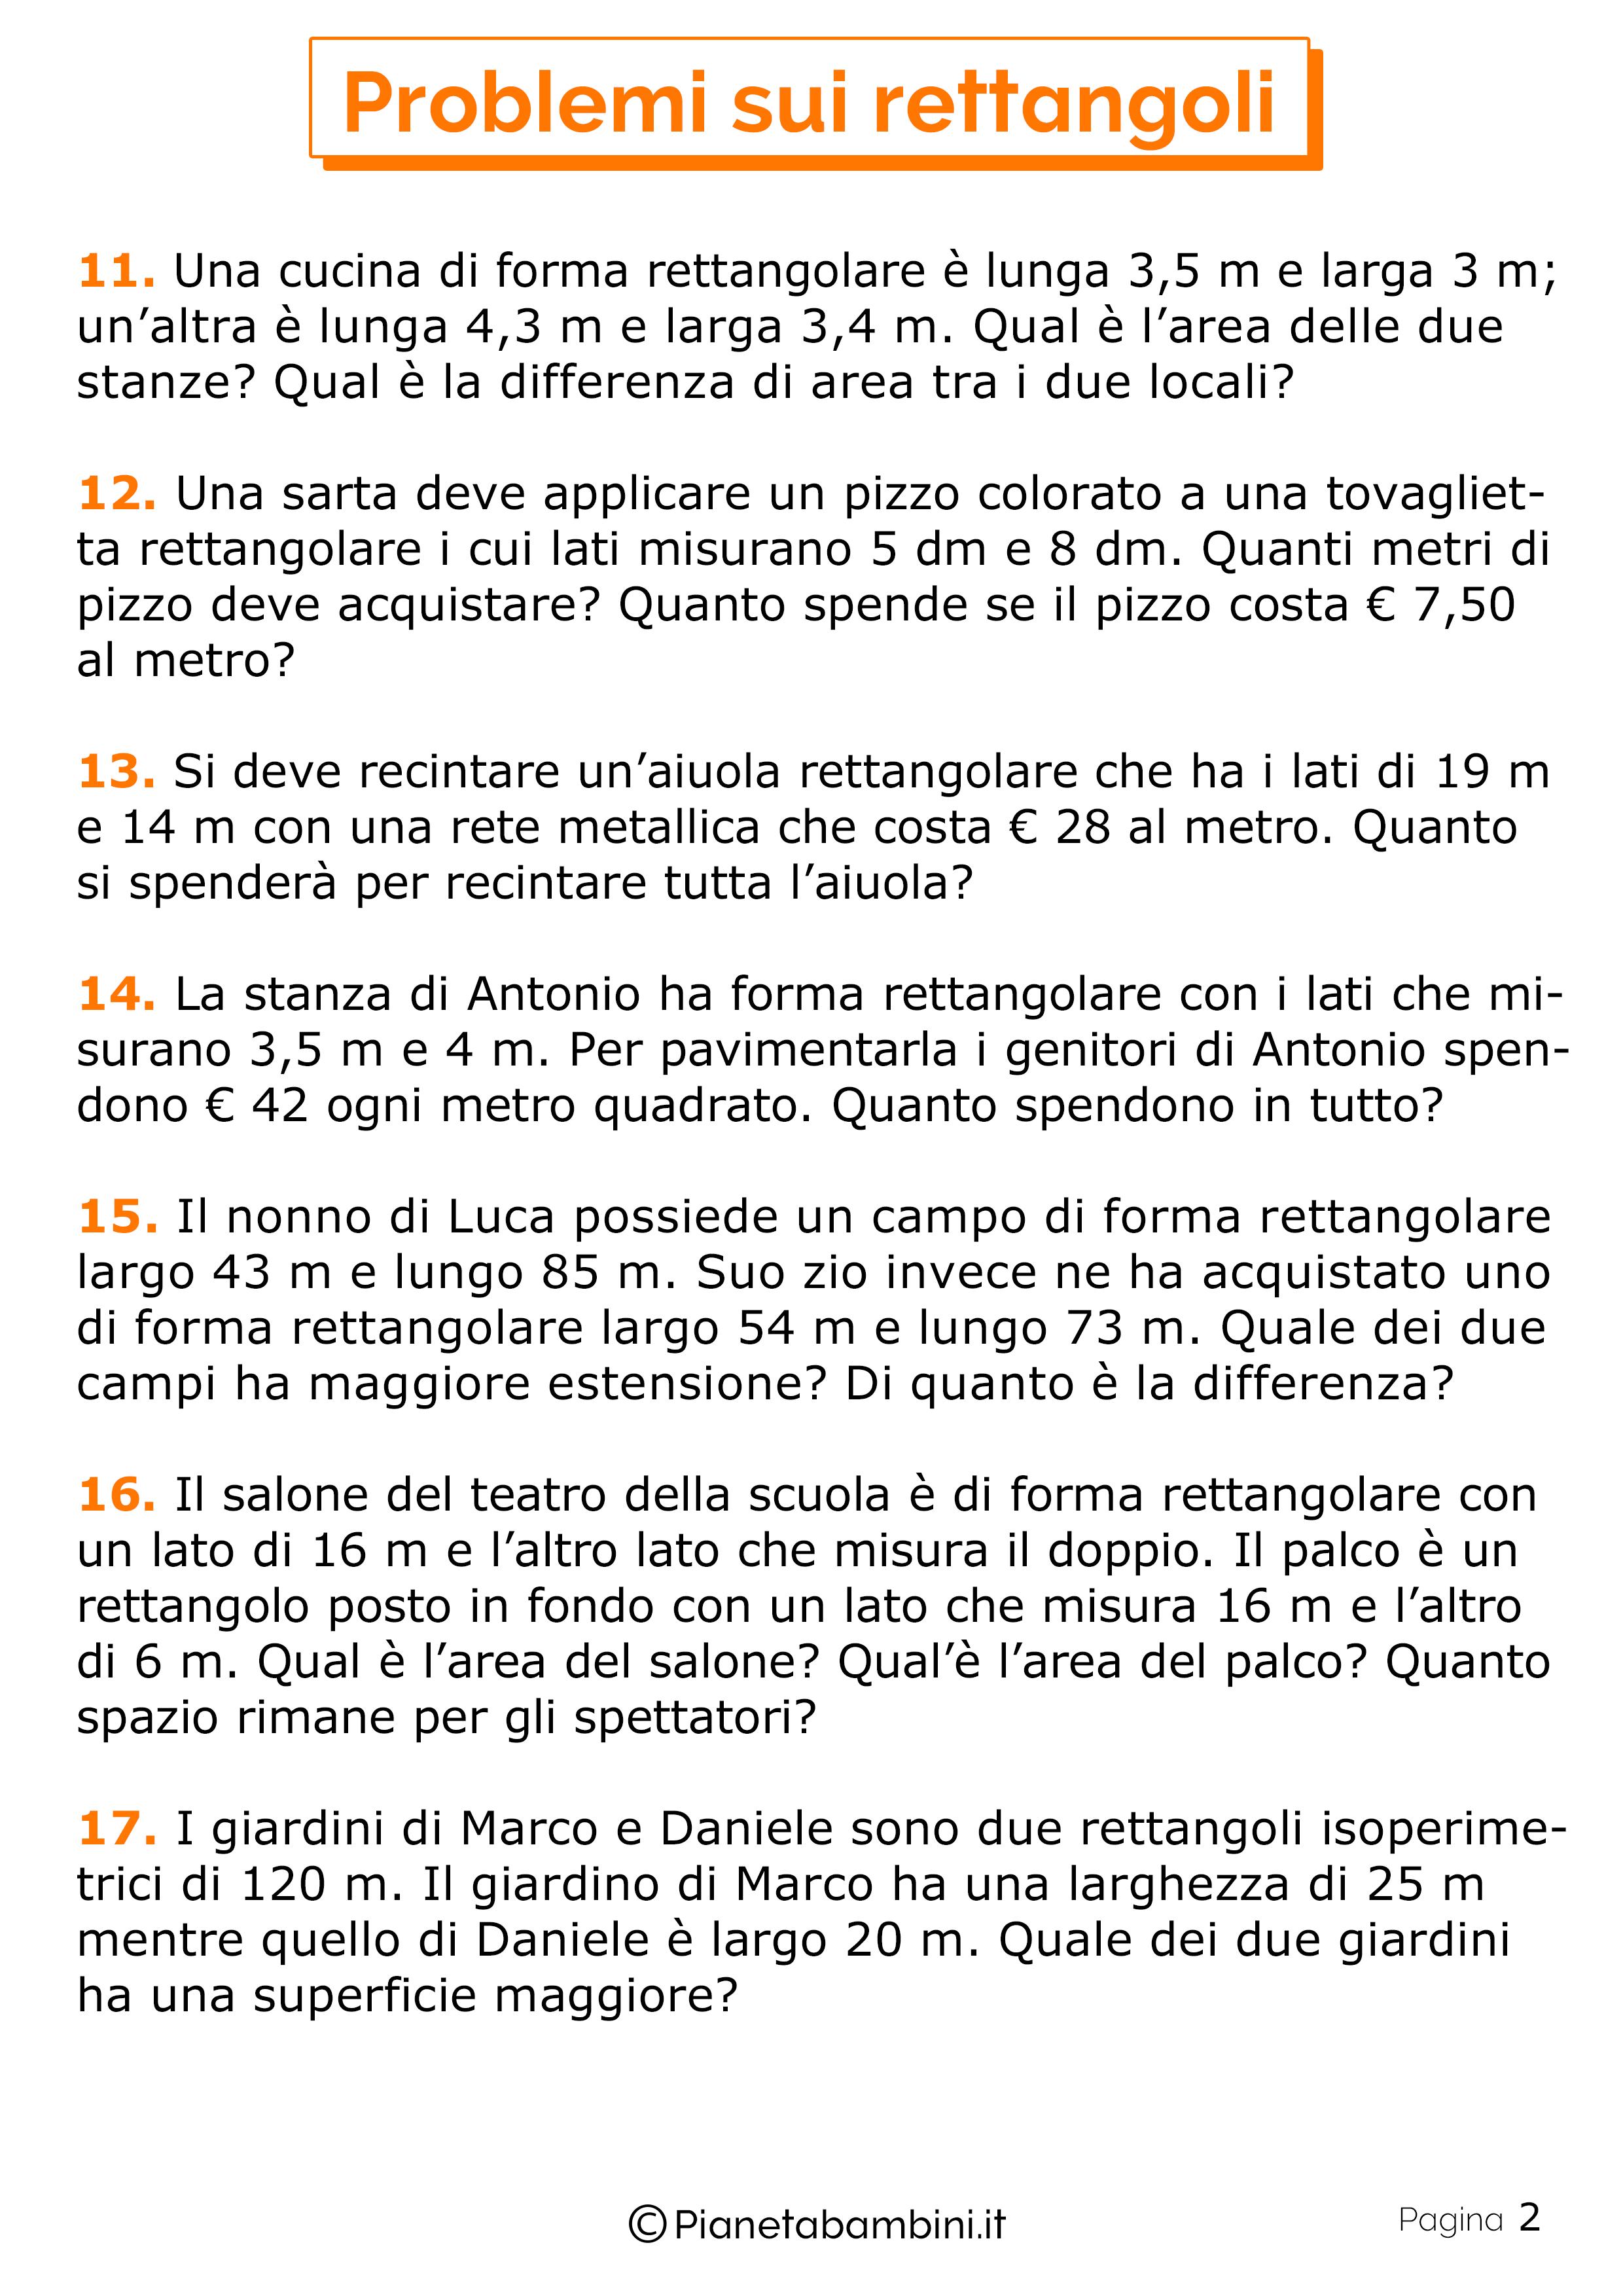 22 Problemi sui Rettangoli per la Scuola Primaria ...